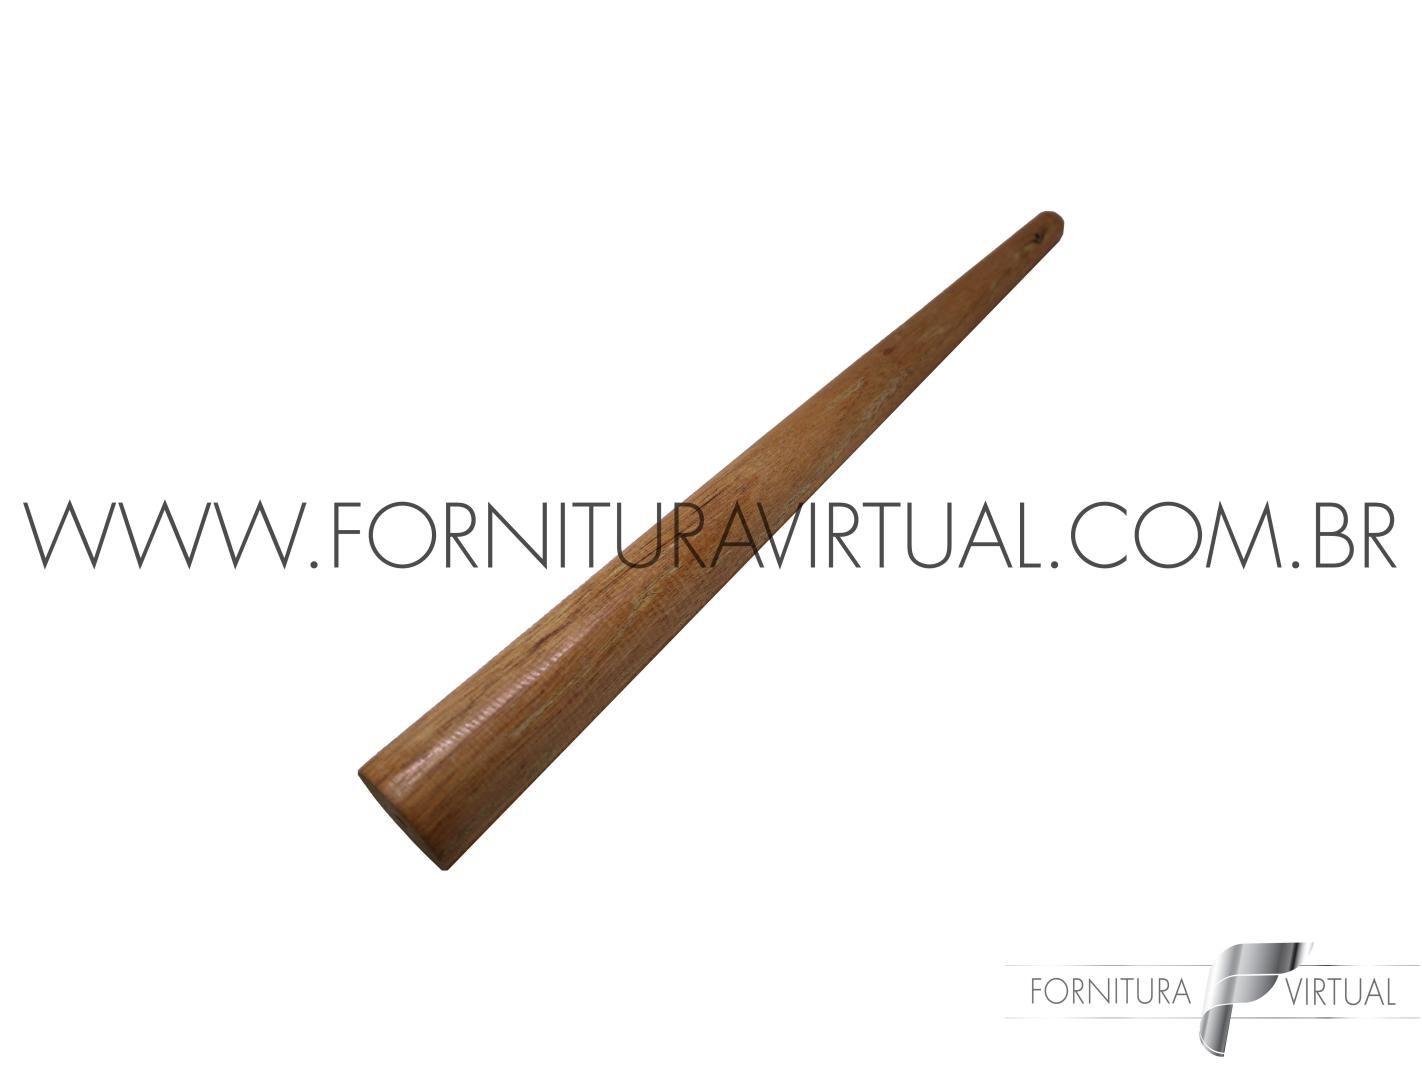 Tribulet de madeira para Aliança - Pequeno 210mm